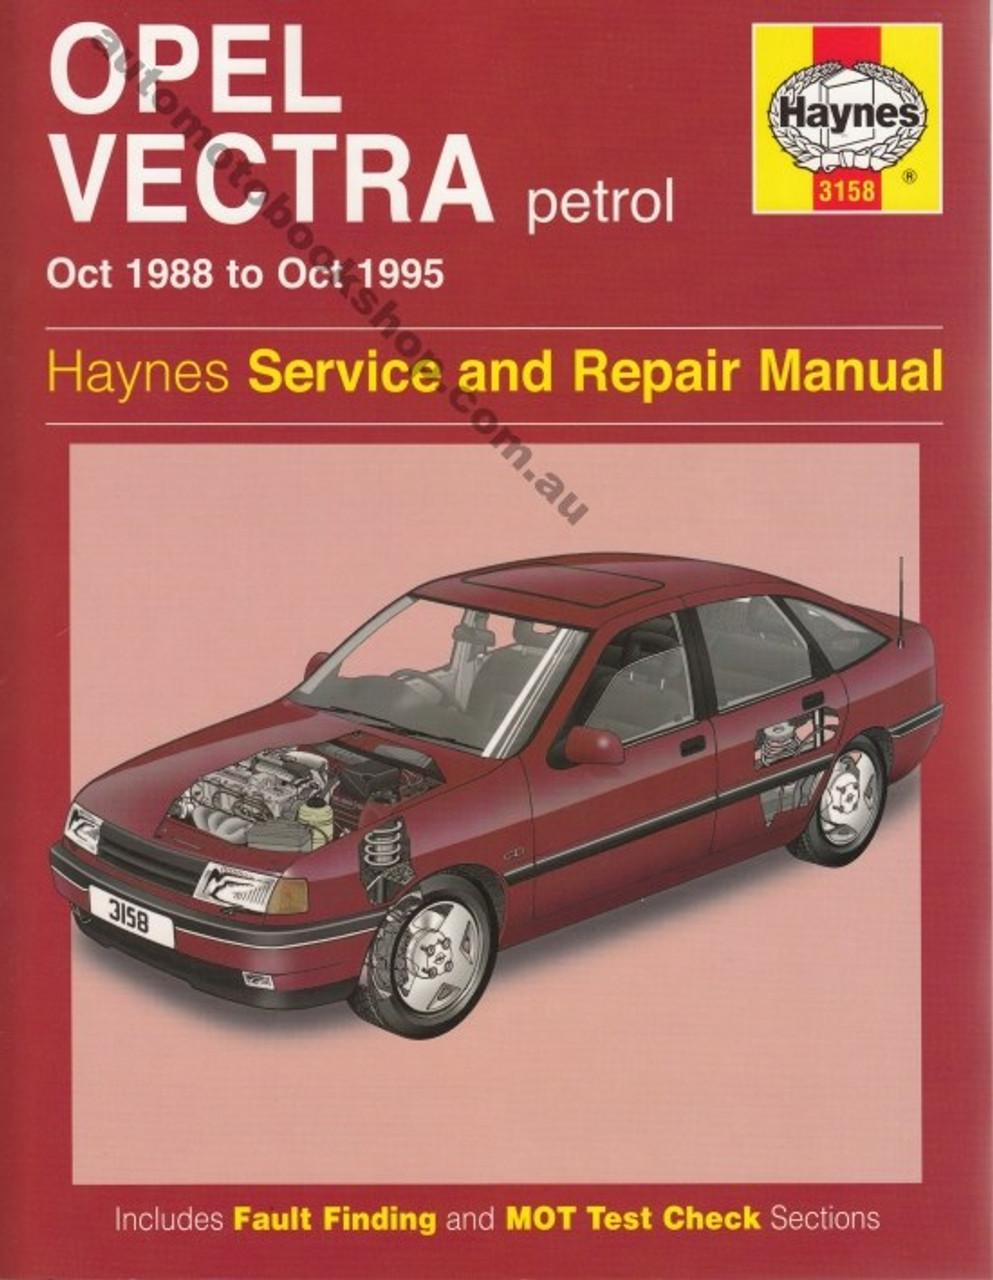 holden vectra opel 1 4l 1 6l 1 8l 2 0l petrol 1988 1995 rh automotobookshop com au opel vectra c 2003 service manual opel vectra b 1997 service manual